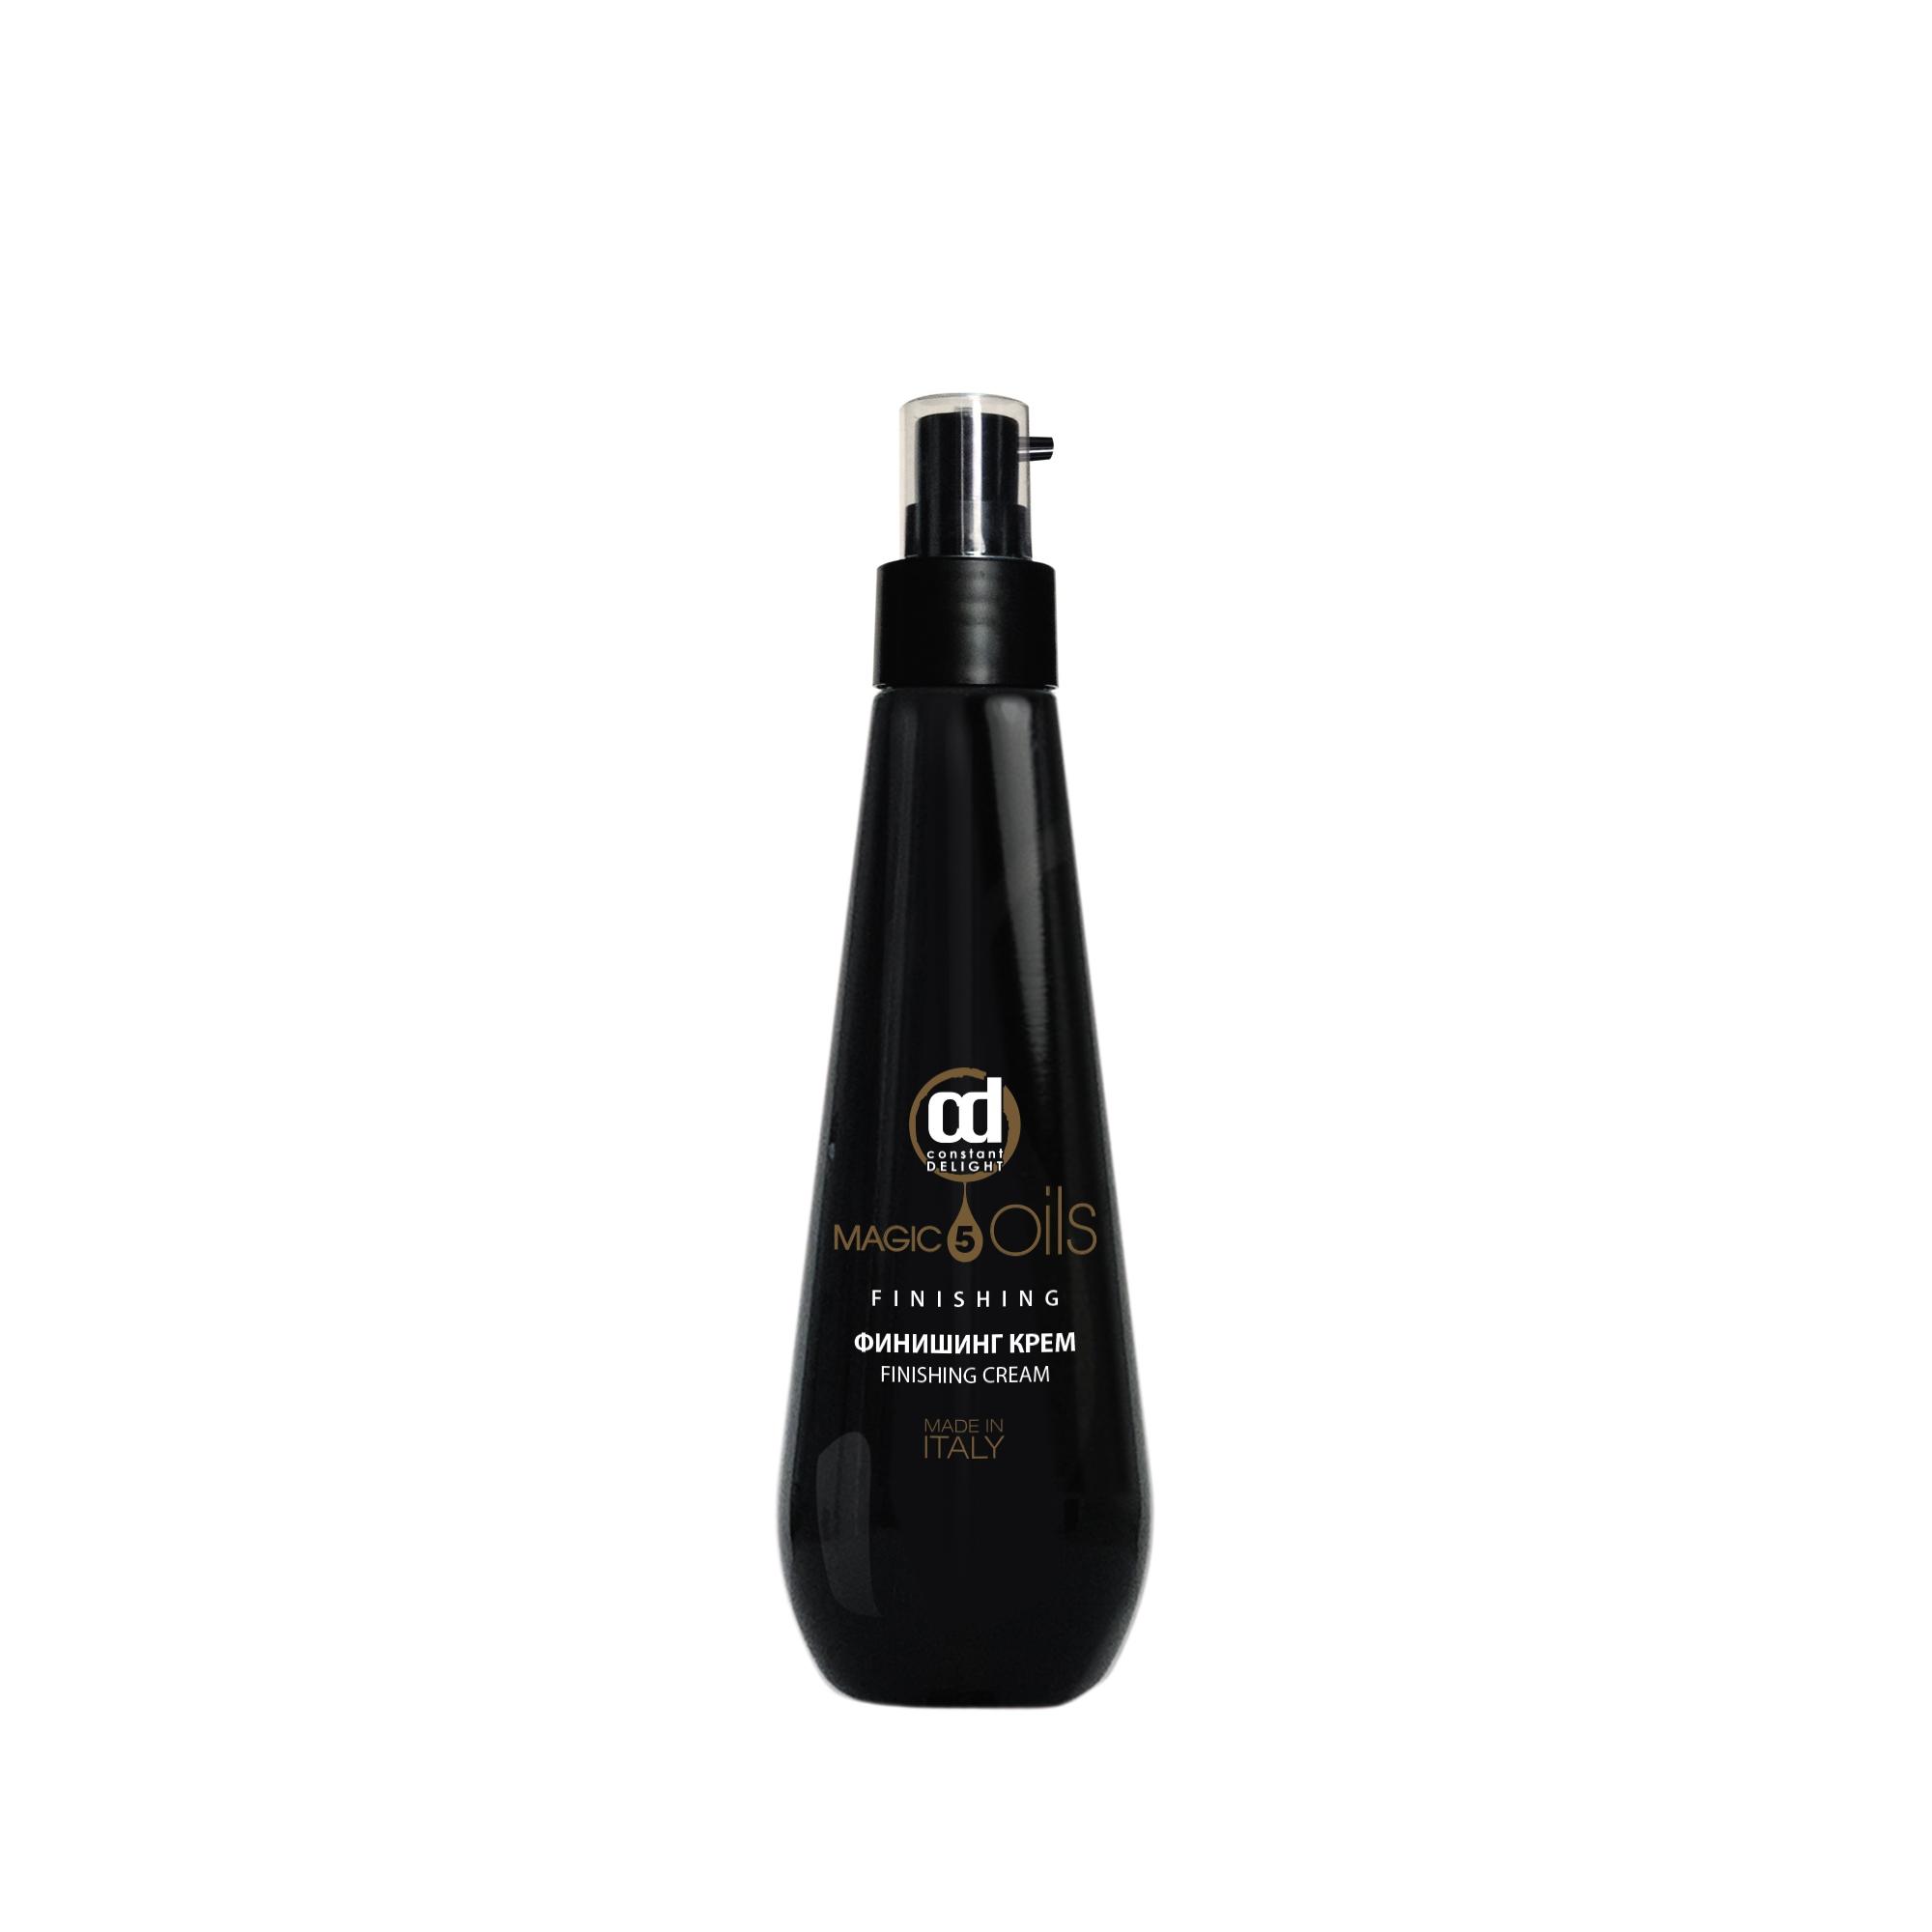 CONSTANT DELIGHT Крем финишинг / 5 Magic Oil 200 млКремы<br>Отличное средство для придания волосам насыщенного блеска. Формула крема, состоящая из  5 Магических Масел : Макадамии, Хлопка, Жожоба, Авокадо, Арганы, осуществляет комплексную защиту, питает волосы и возвращает им жизненную силу, энергию и сияние. Помогает распутать и подчеркнуть кудрявые, непослушные волосы, окутывая их тонким приятным ароматом. Активные ингредиенты: масла Макадами, Хлопка, Жожоба, Авокадо и Арганы. Способ применения: - нанести на чистые, влажные волосы. - равномерно распределить по всей длине волос. Не смывать.<br><br>Вид средства для волос: Несмываемый<br>Типы волос: Для всех типов